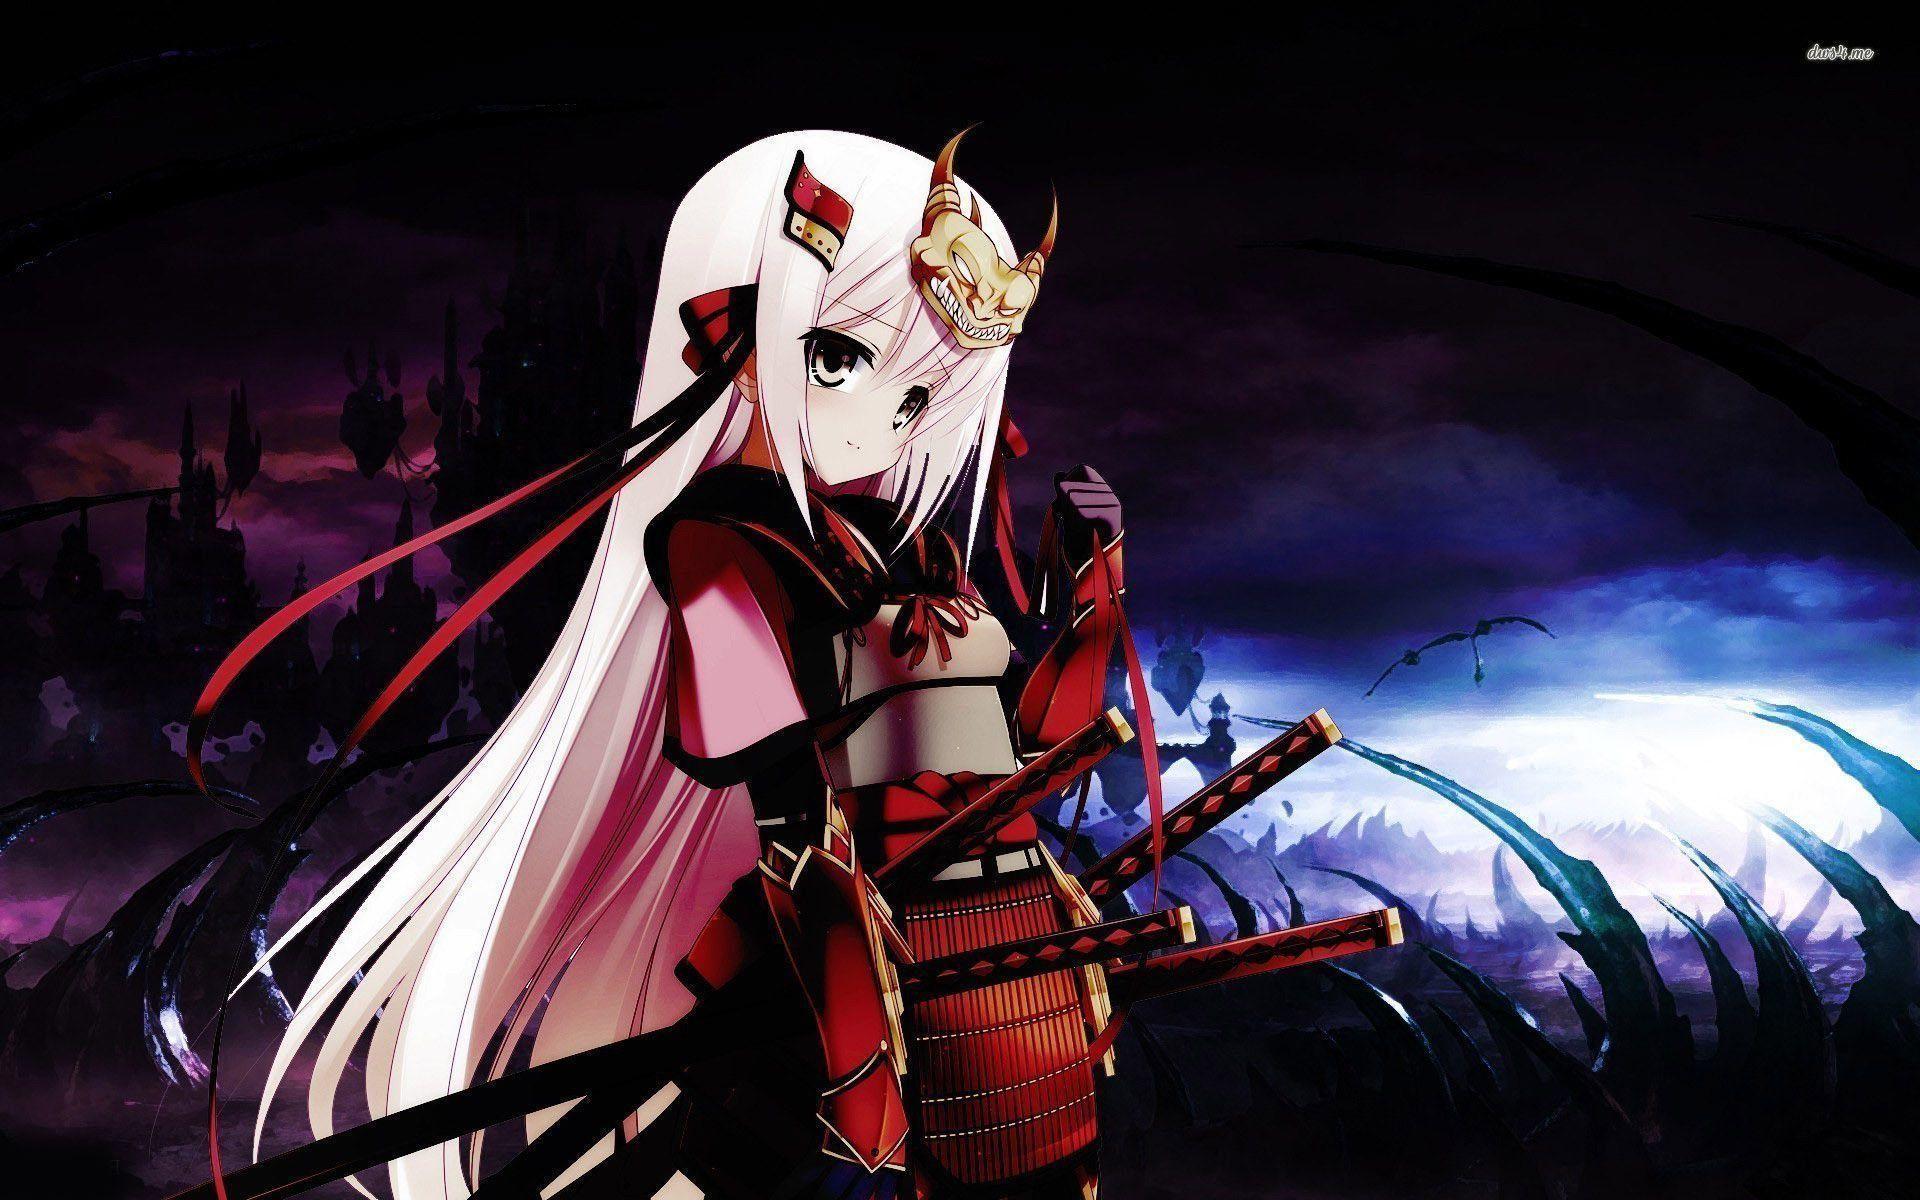 Samurai girl wallpaper – Anime wallpapers – #